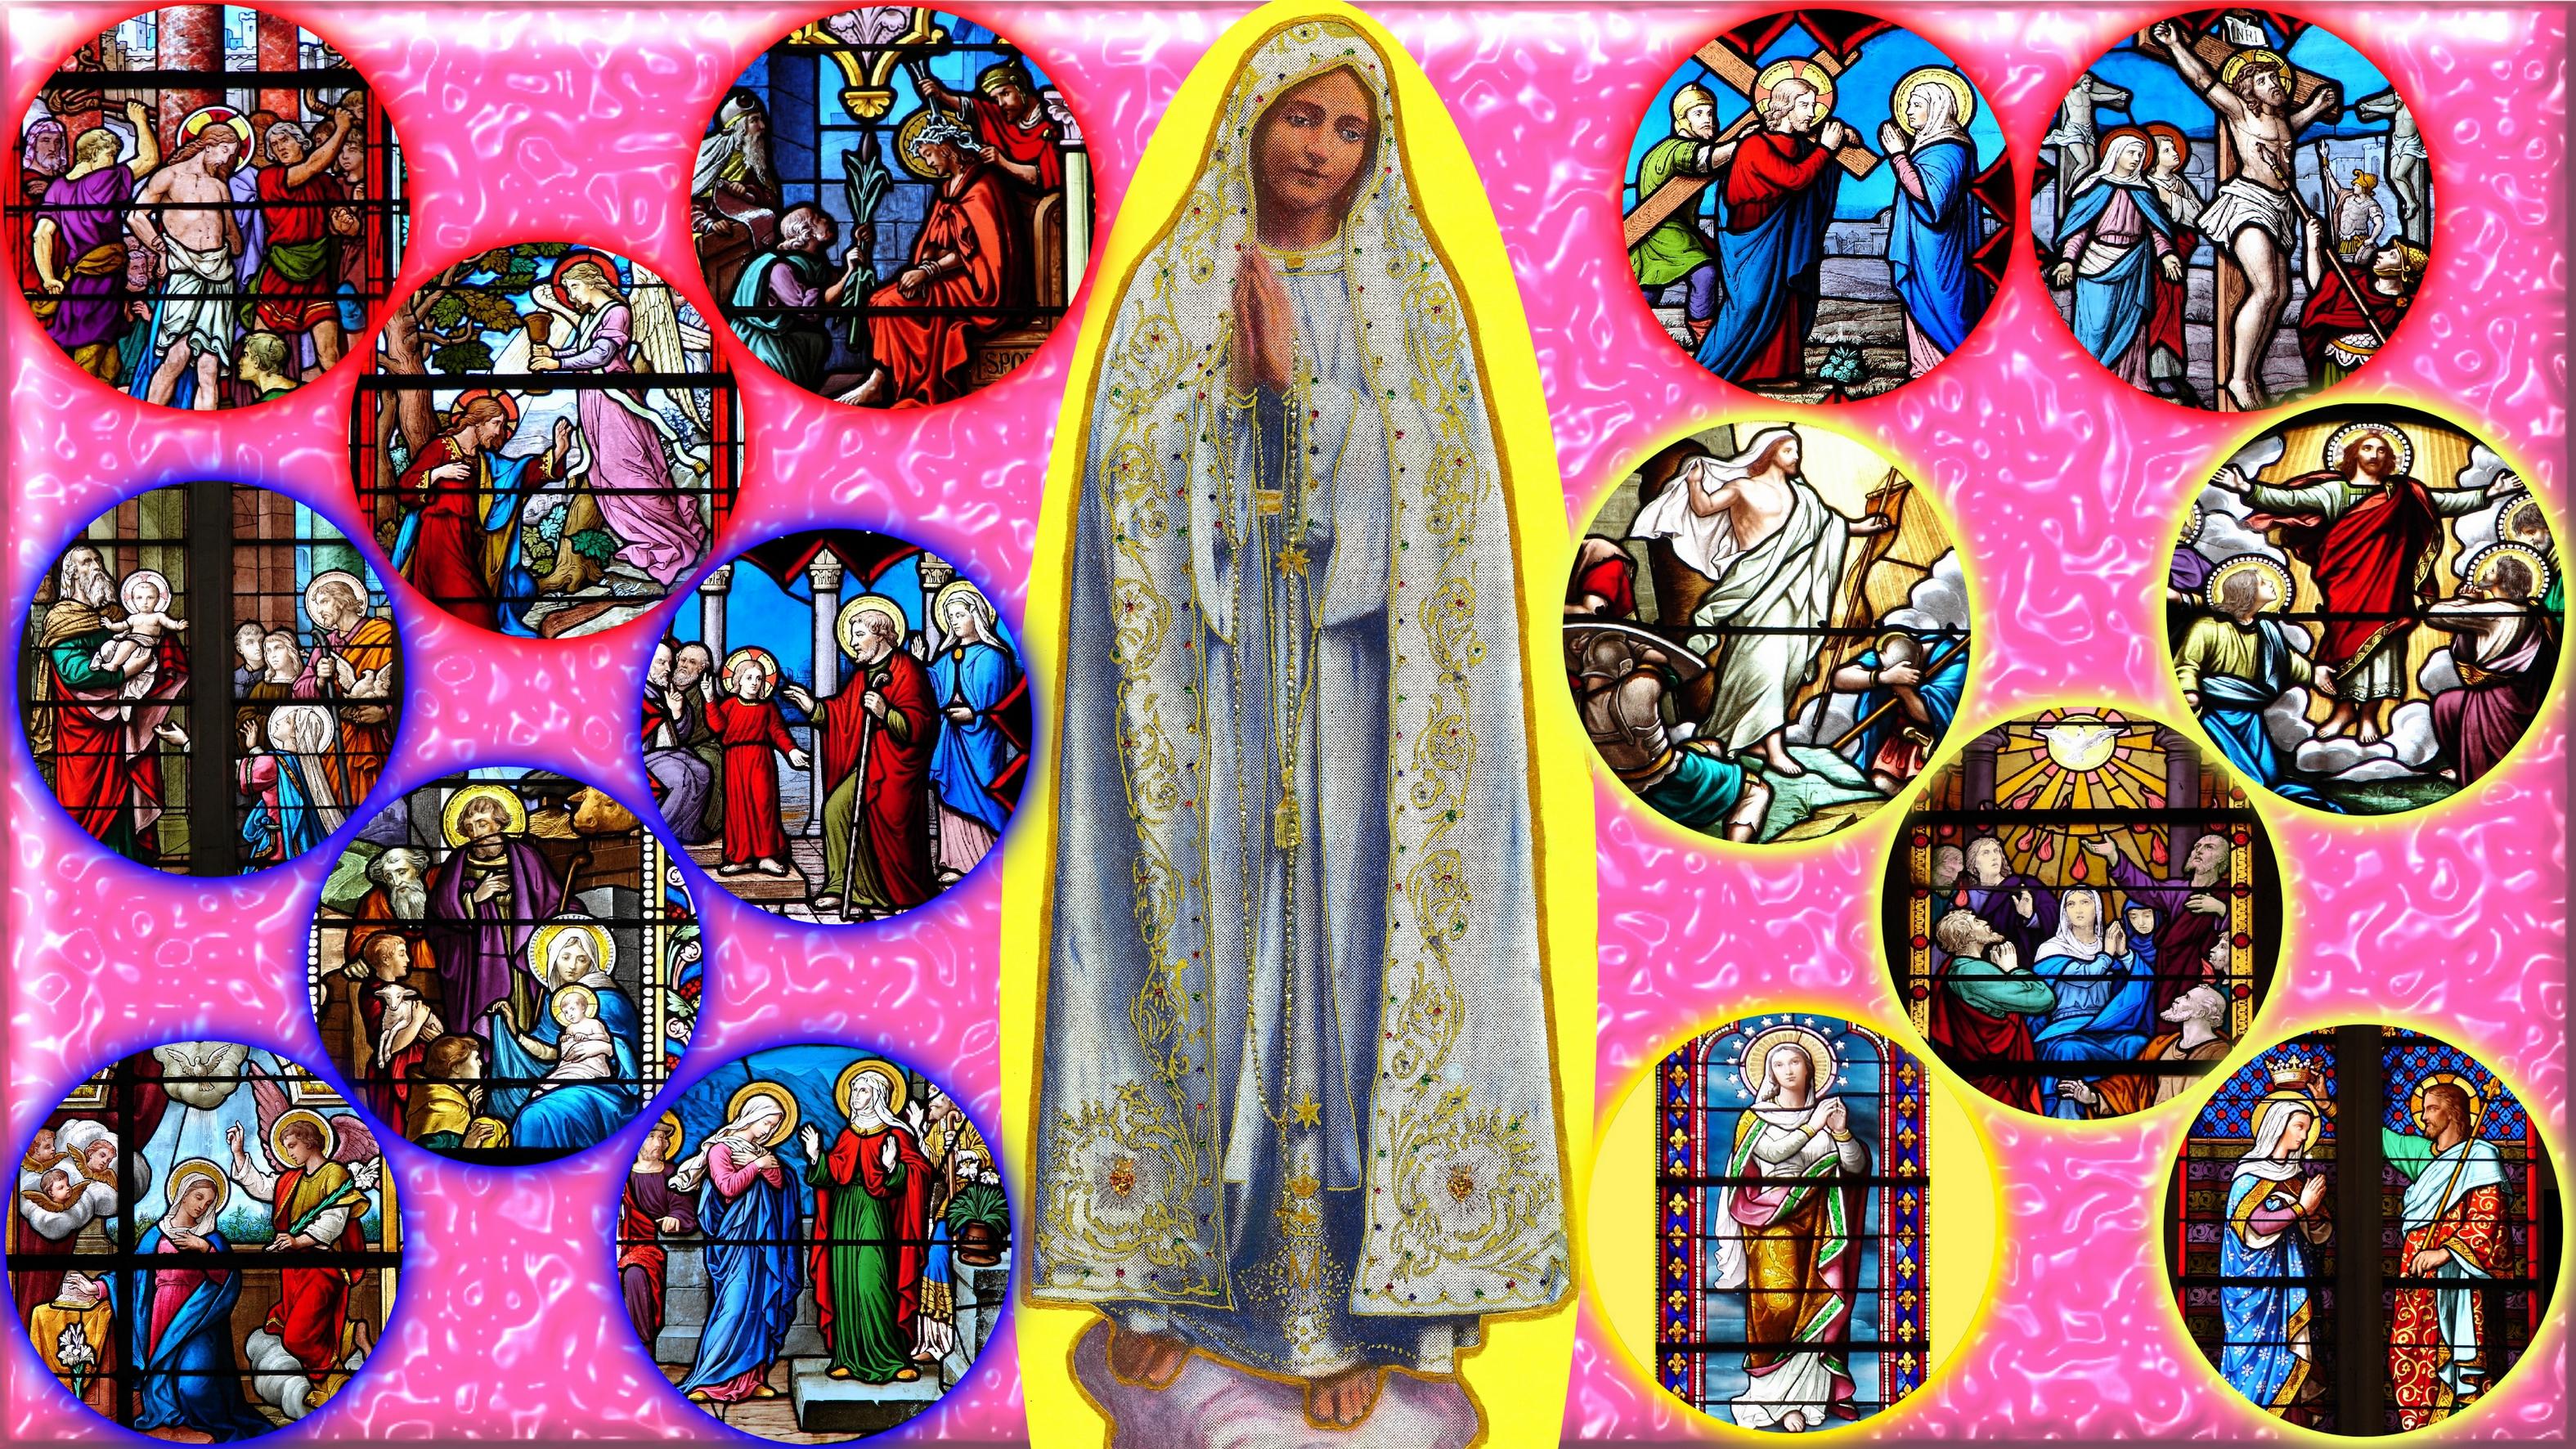 CALENDRIER CATHOLIQUE 2019 (Cantiques, Prières & Images) - Page 2 Notre-dame-du-ros...e-fatima-55a29f2